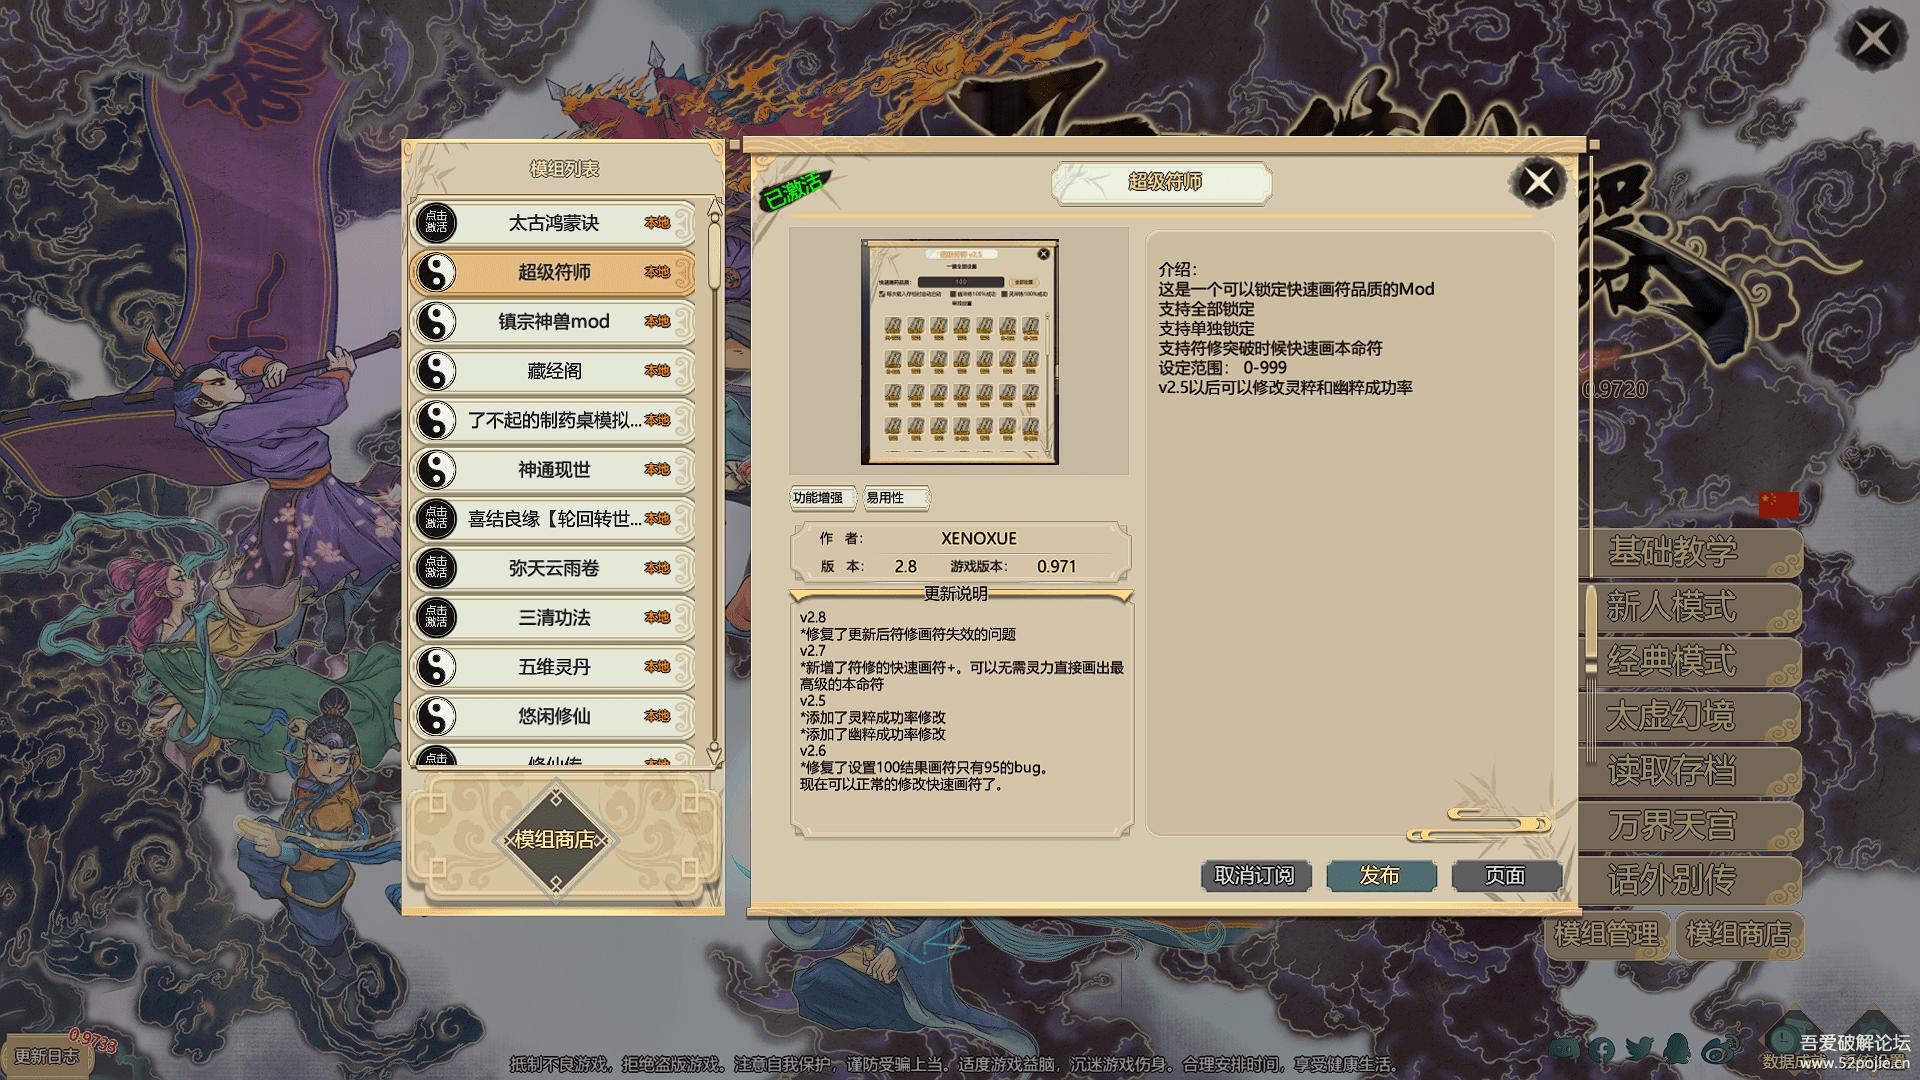 【win游戏】了不起的修仙模拟器0.9734版,带修改器